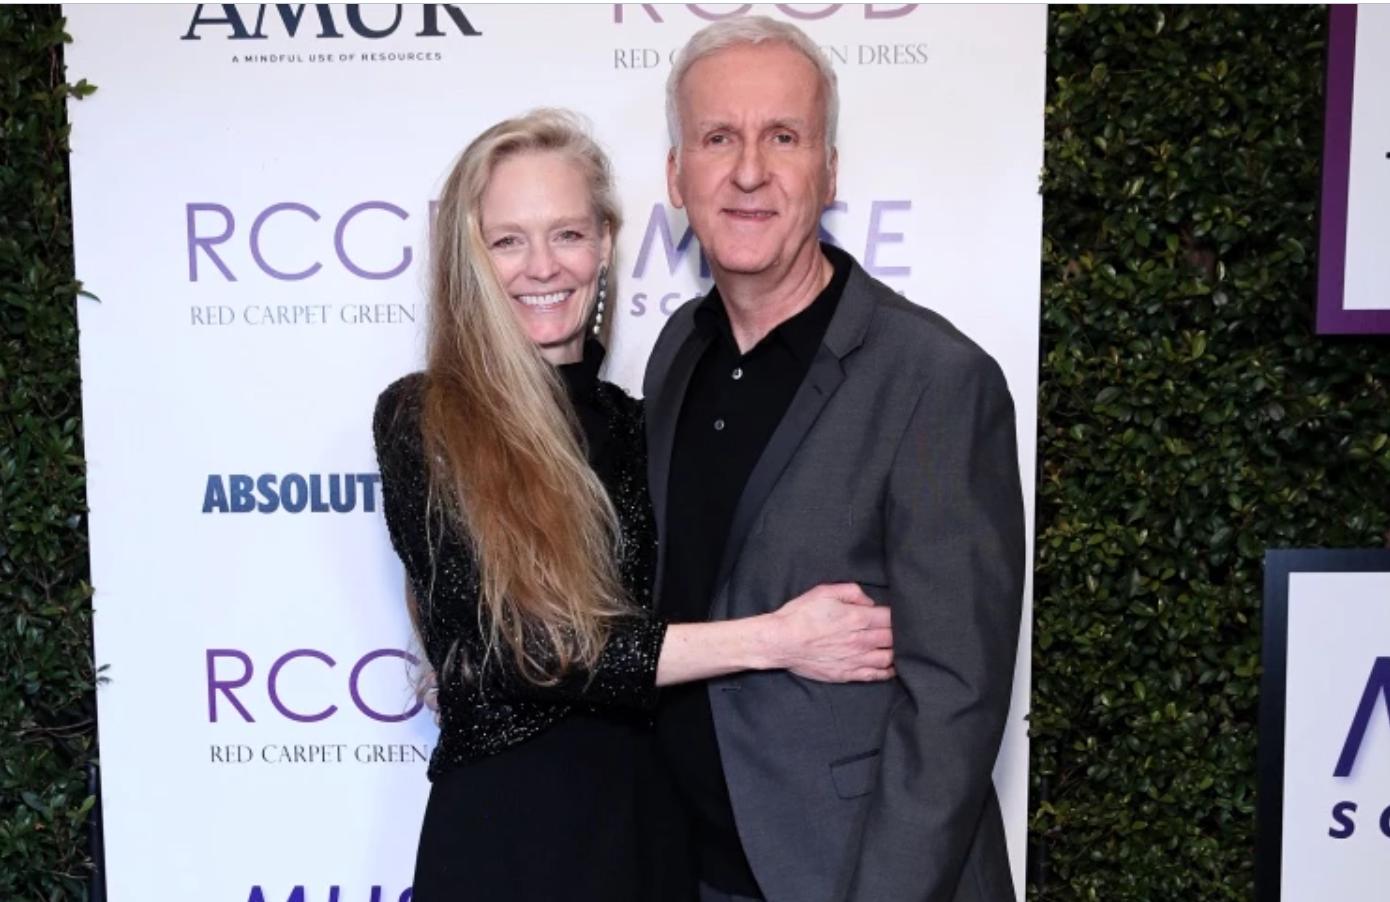 Режиссер Джеймс Кэмерон и его супруга Сьюзи.